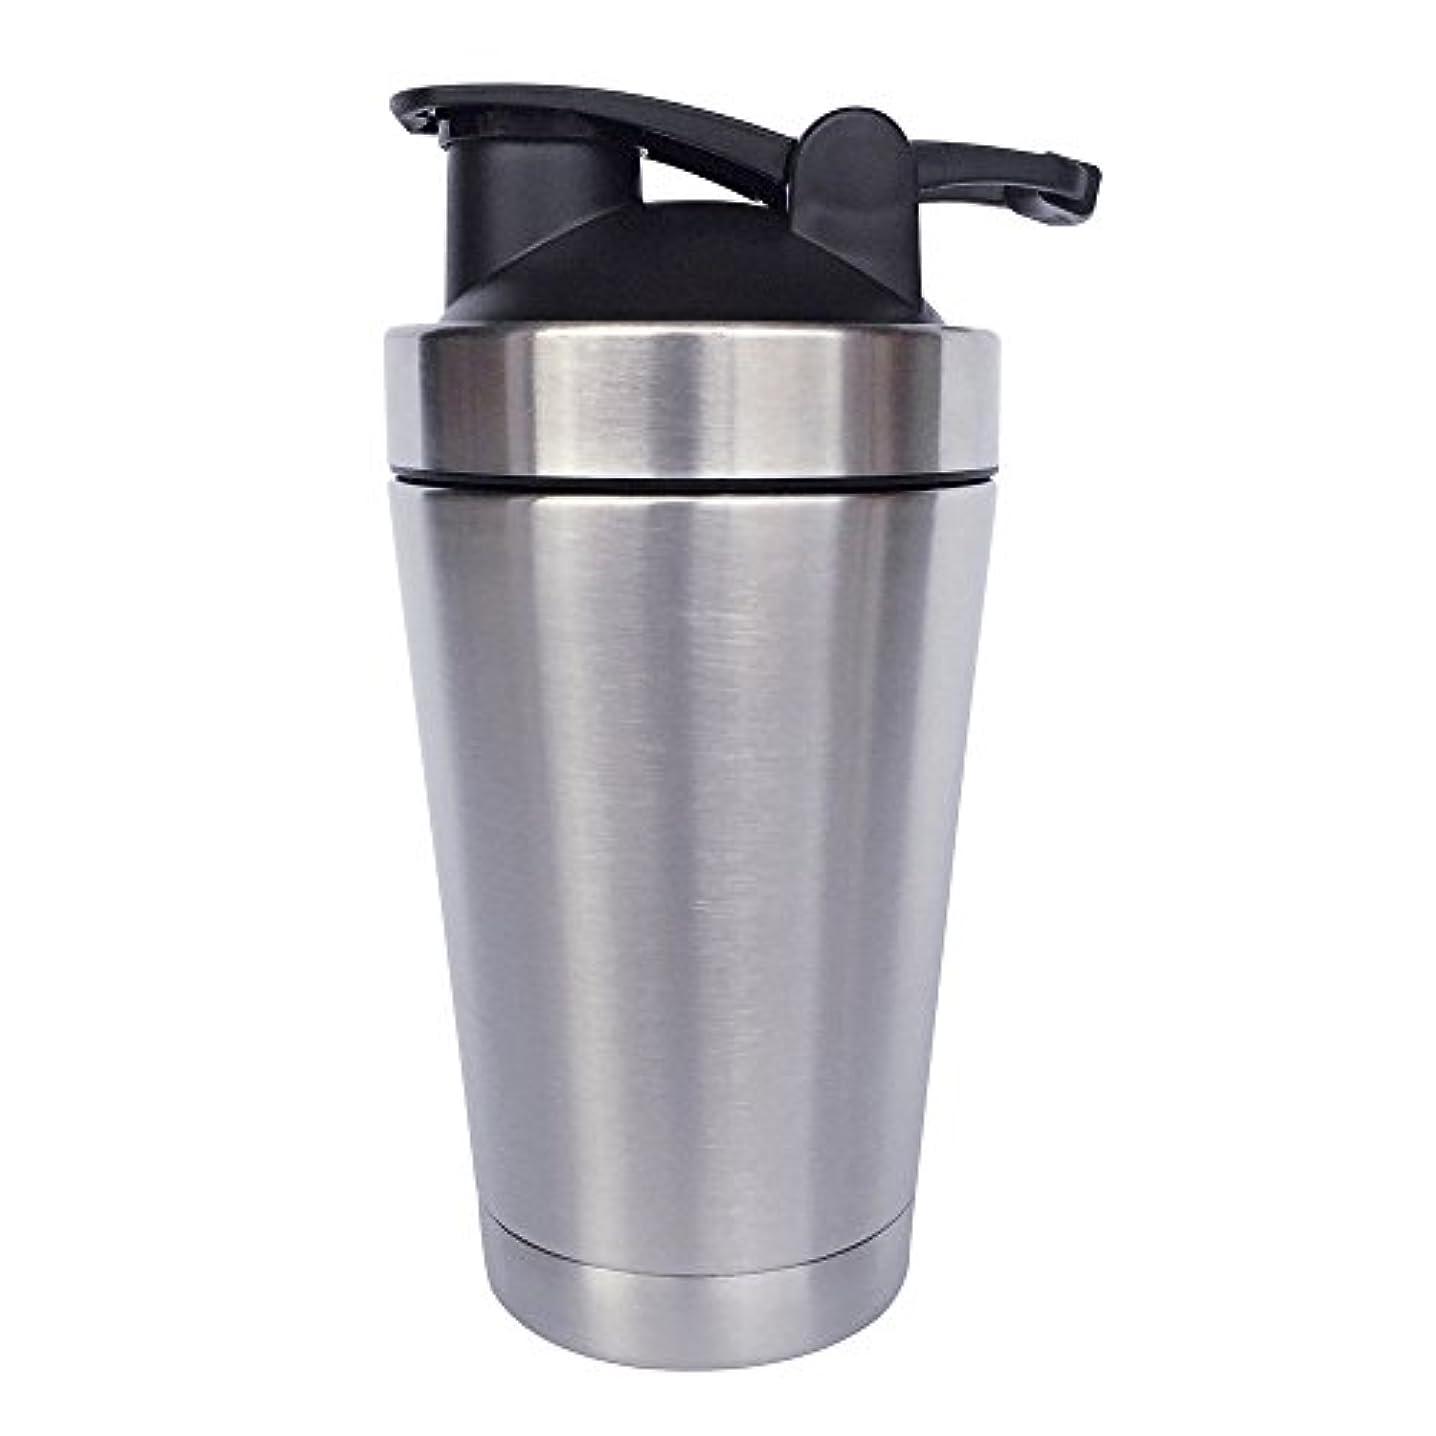 メキシコ提供する北ステンレス鋼 スポーツウォーターボトル タンパク質ミルクセーキシェーカー?カップ 振ってボール 小さいサイズ 500ml